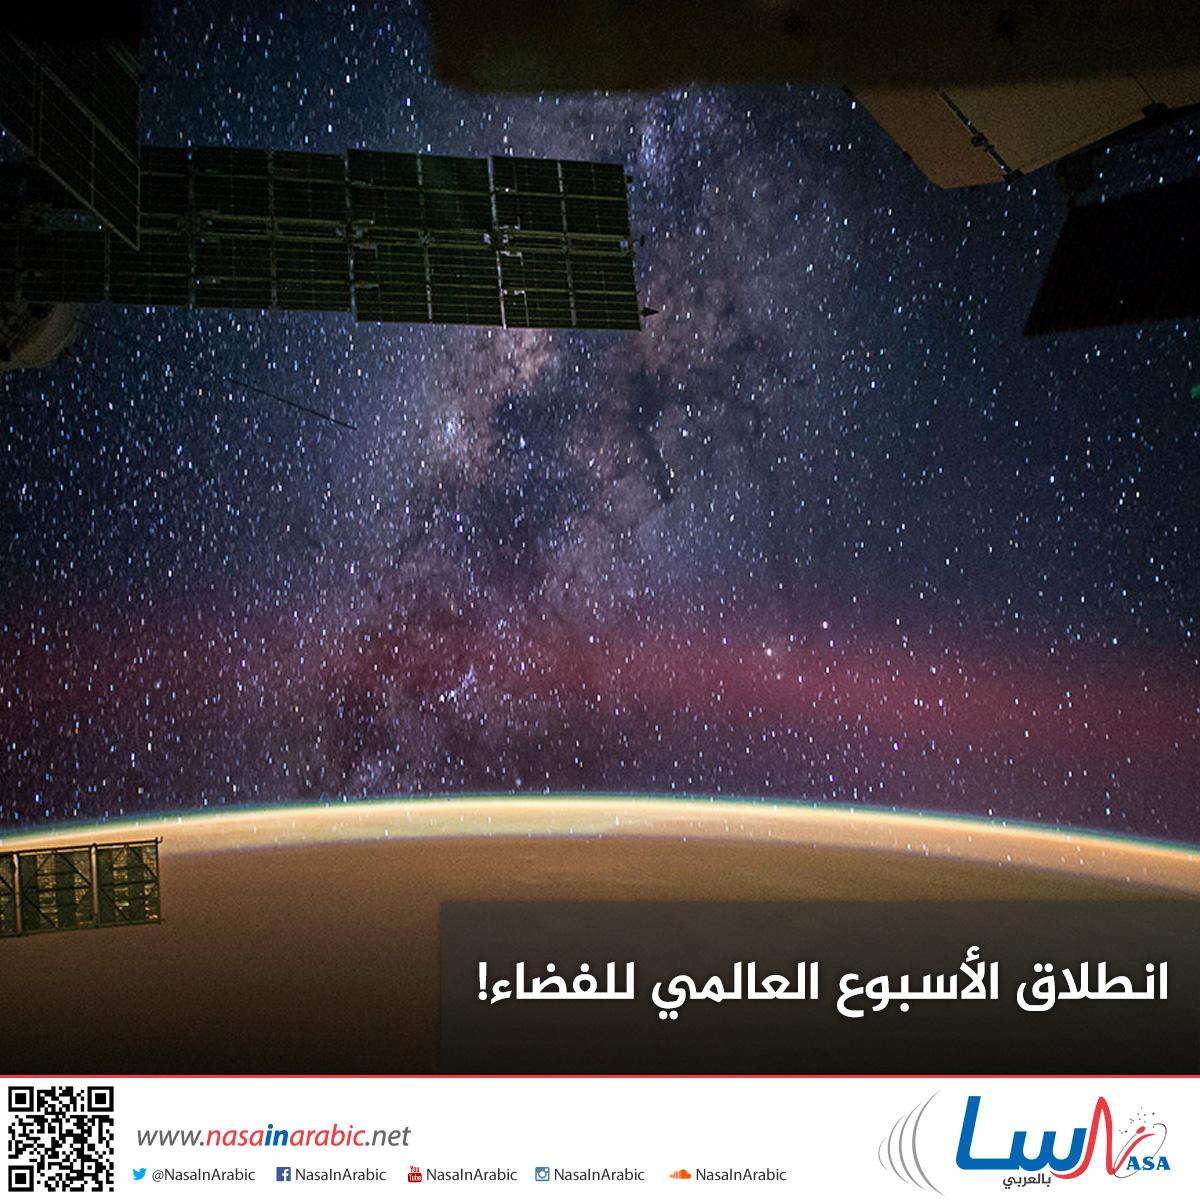 انطلاق الأسبوع العالمي للفضاء!